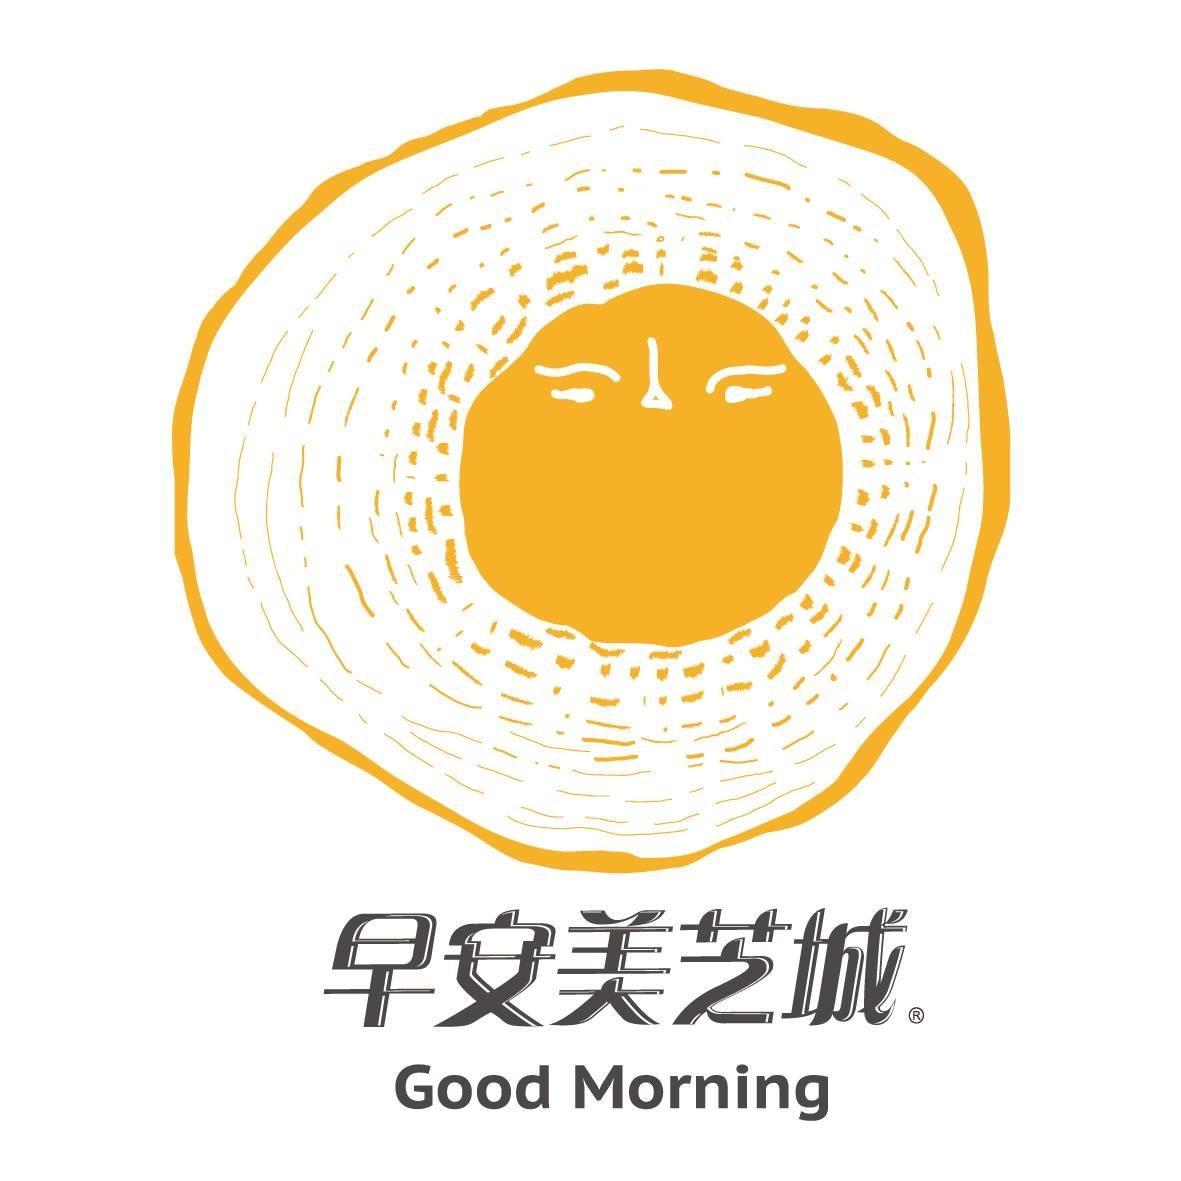 【菜單】早安美芝城菜單|早安美芝城2021年價目表|分店據點|早安美芝城(6月更新)